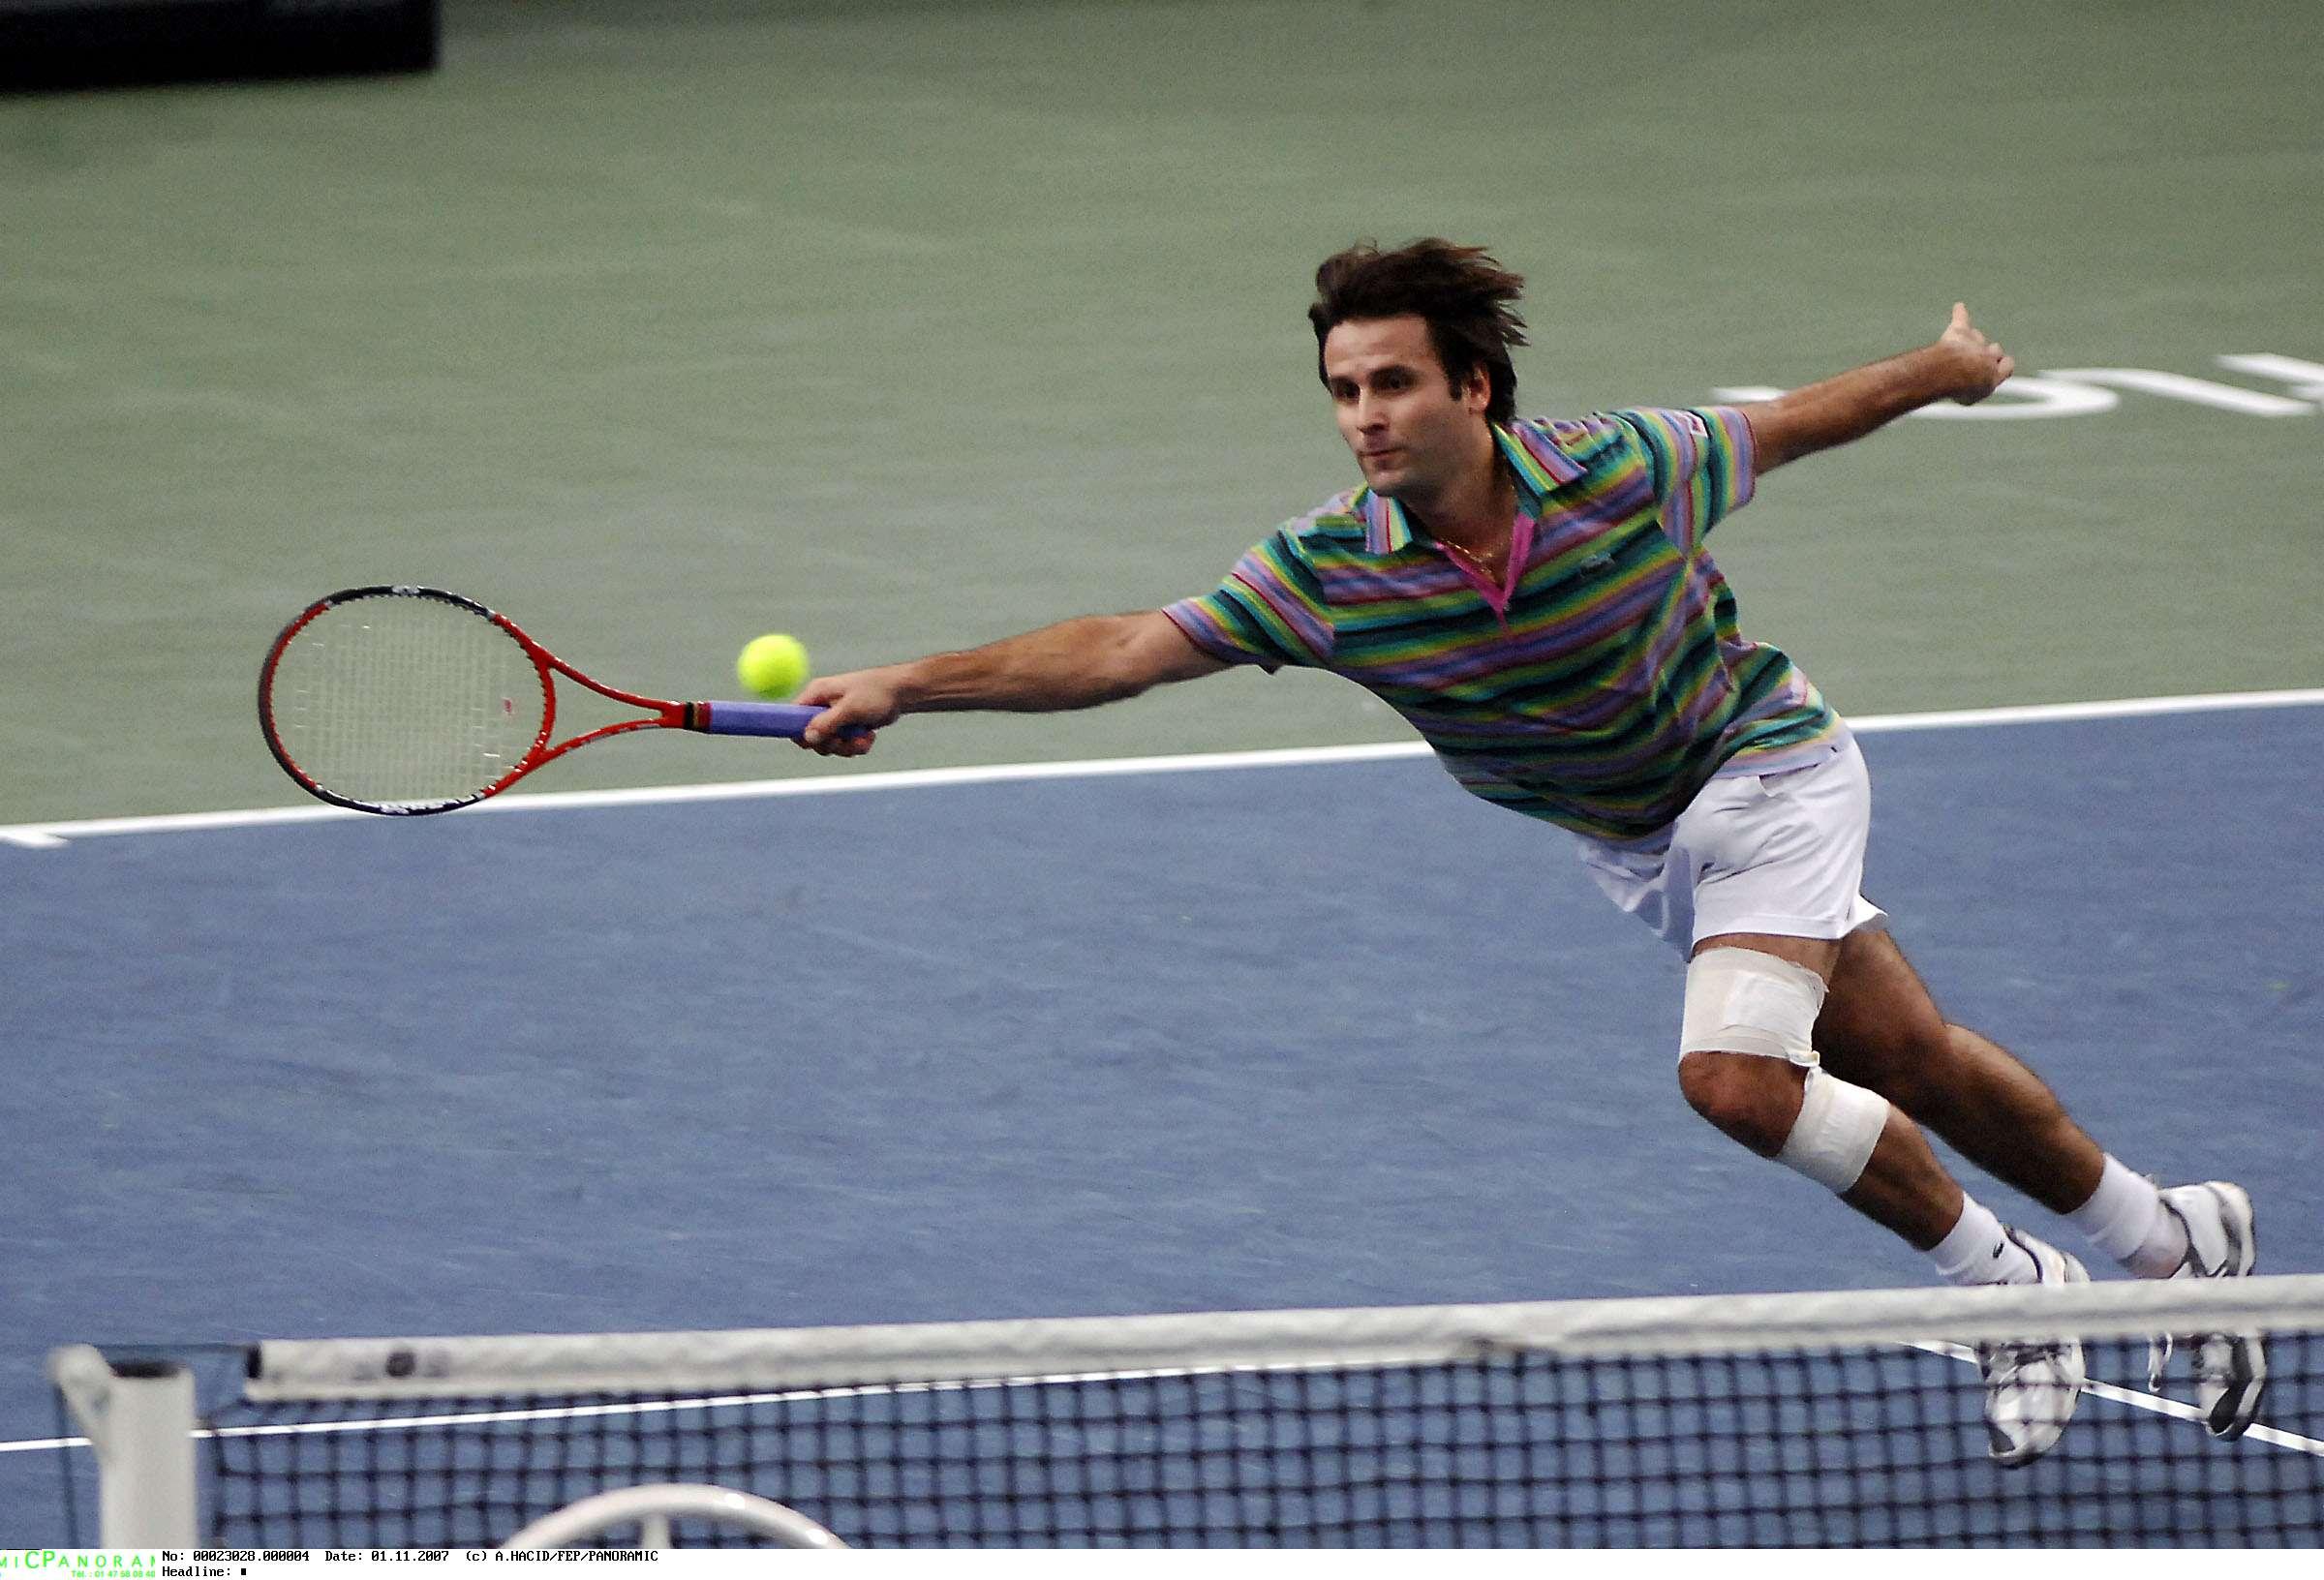 Tennis - Open Australie - Santoro : �Les matches truqu�s c'est pire que le dopage�